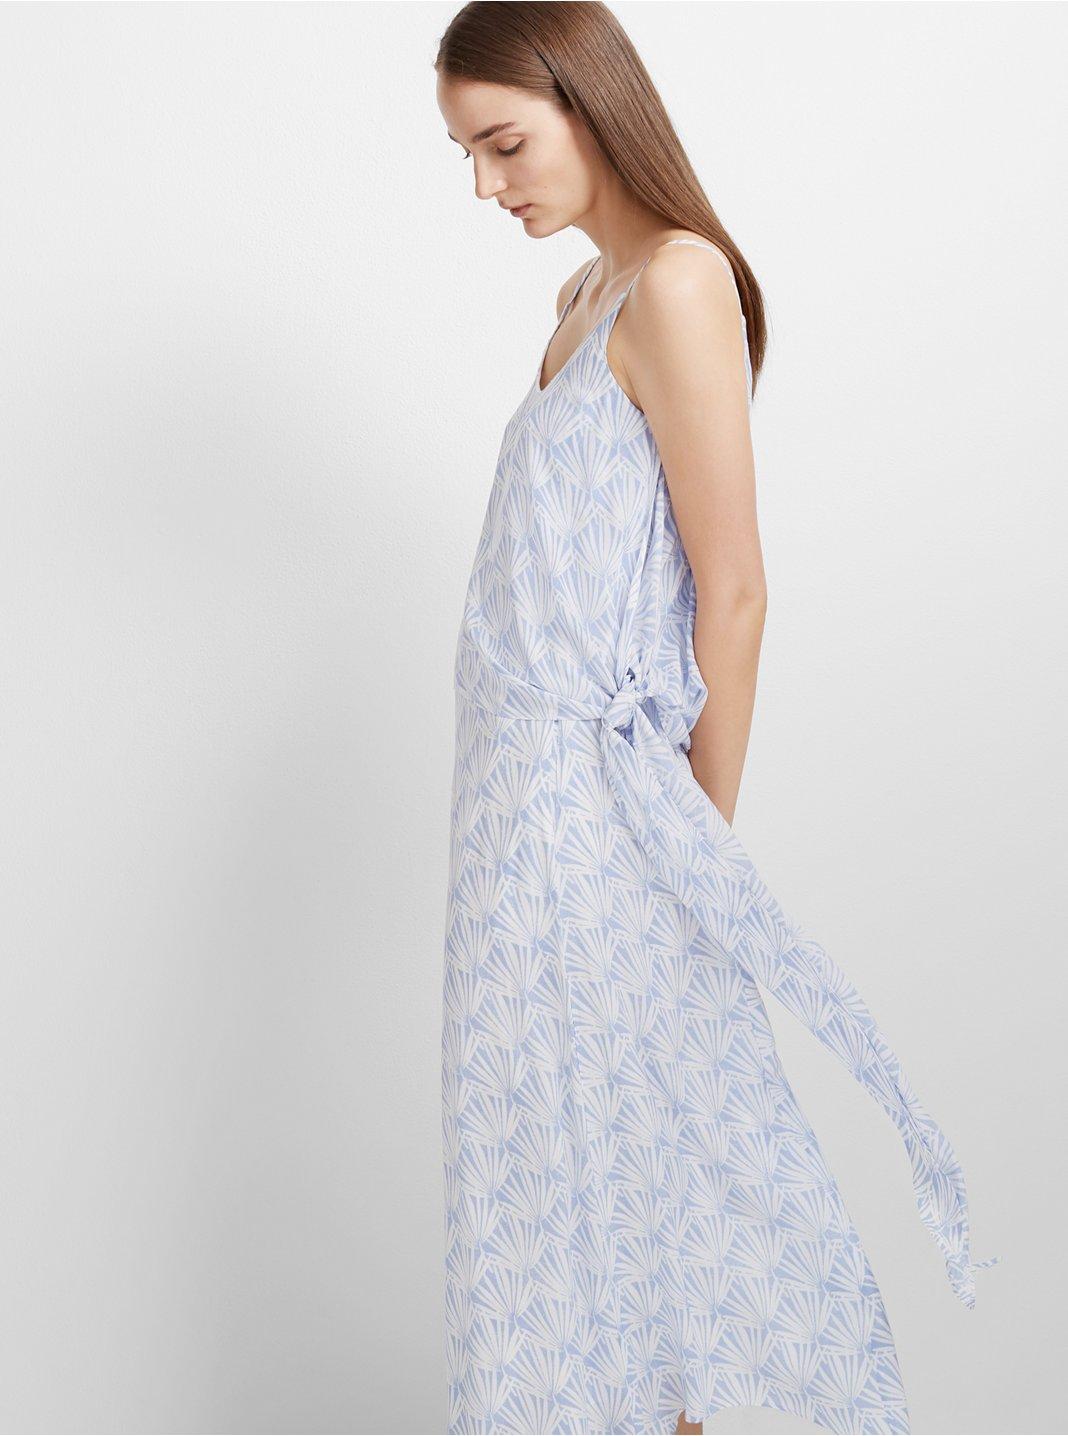 Thereeza Dress